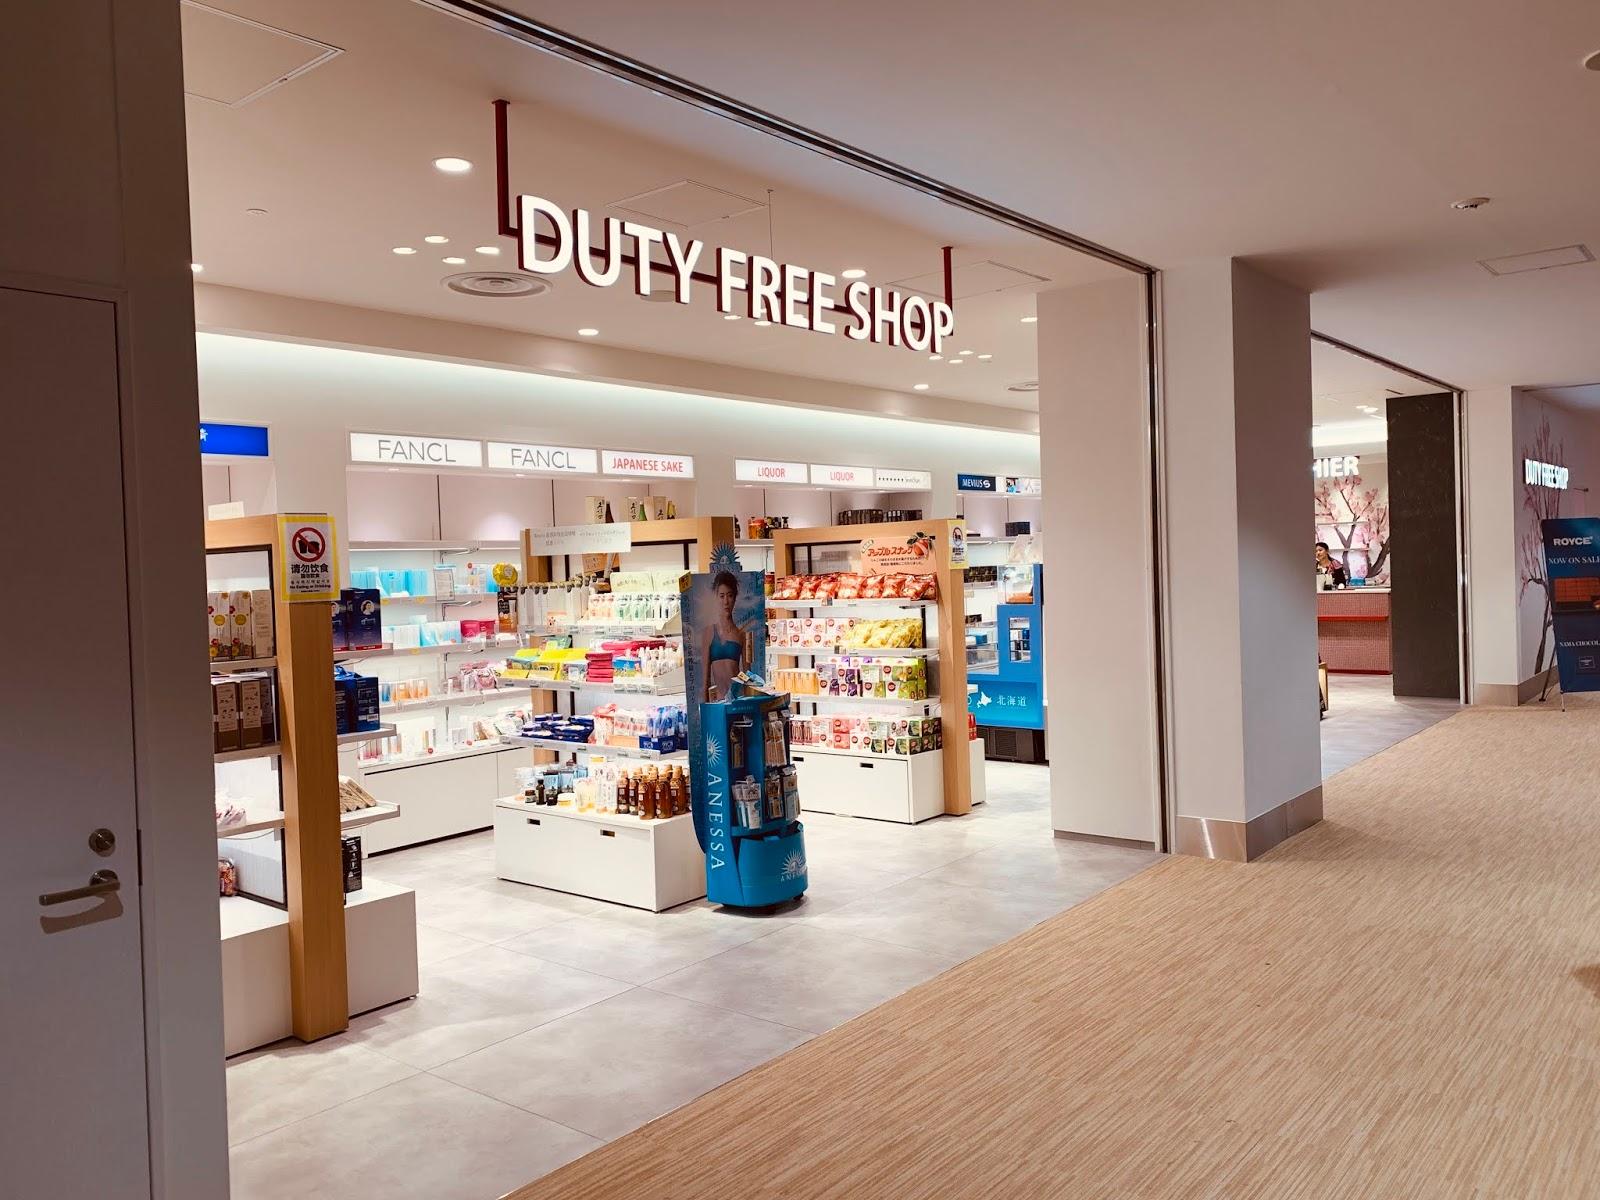 青森空港-免稅商店